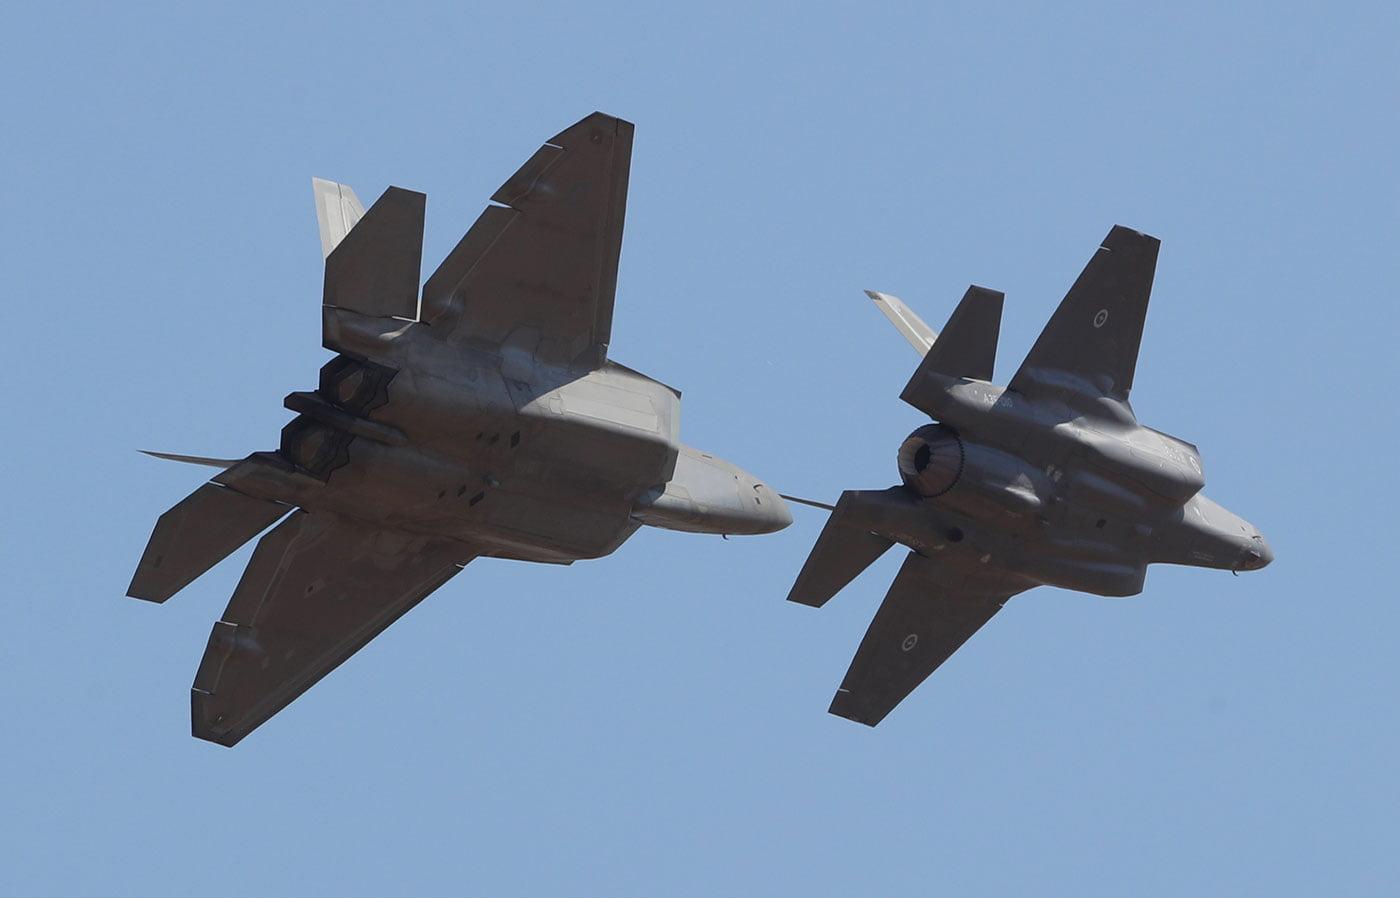 Το παρασκήνιο της απόφασης για την απόκτηση των stealth μαχητικών – Μια Μοίρα F-35 o στόχος της Αθήνας